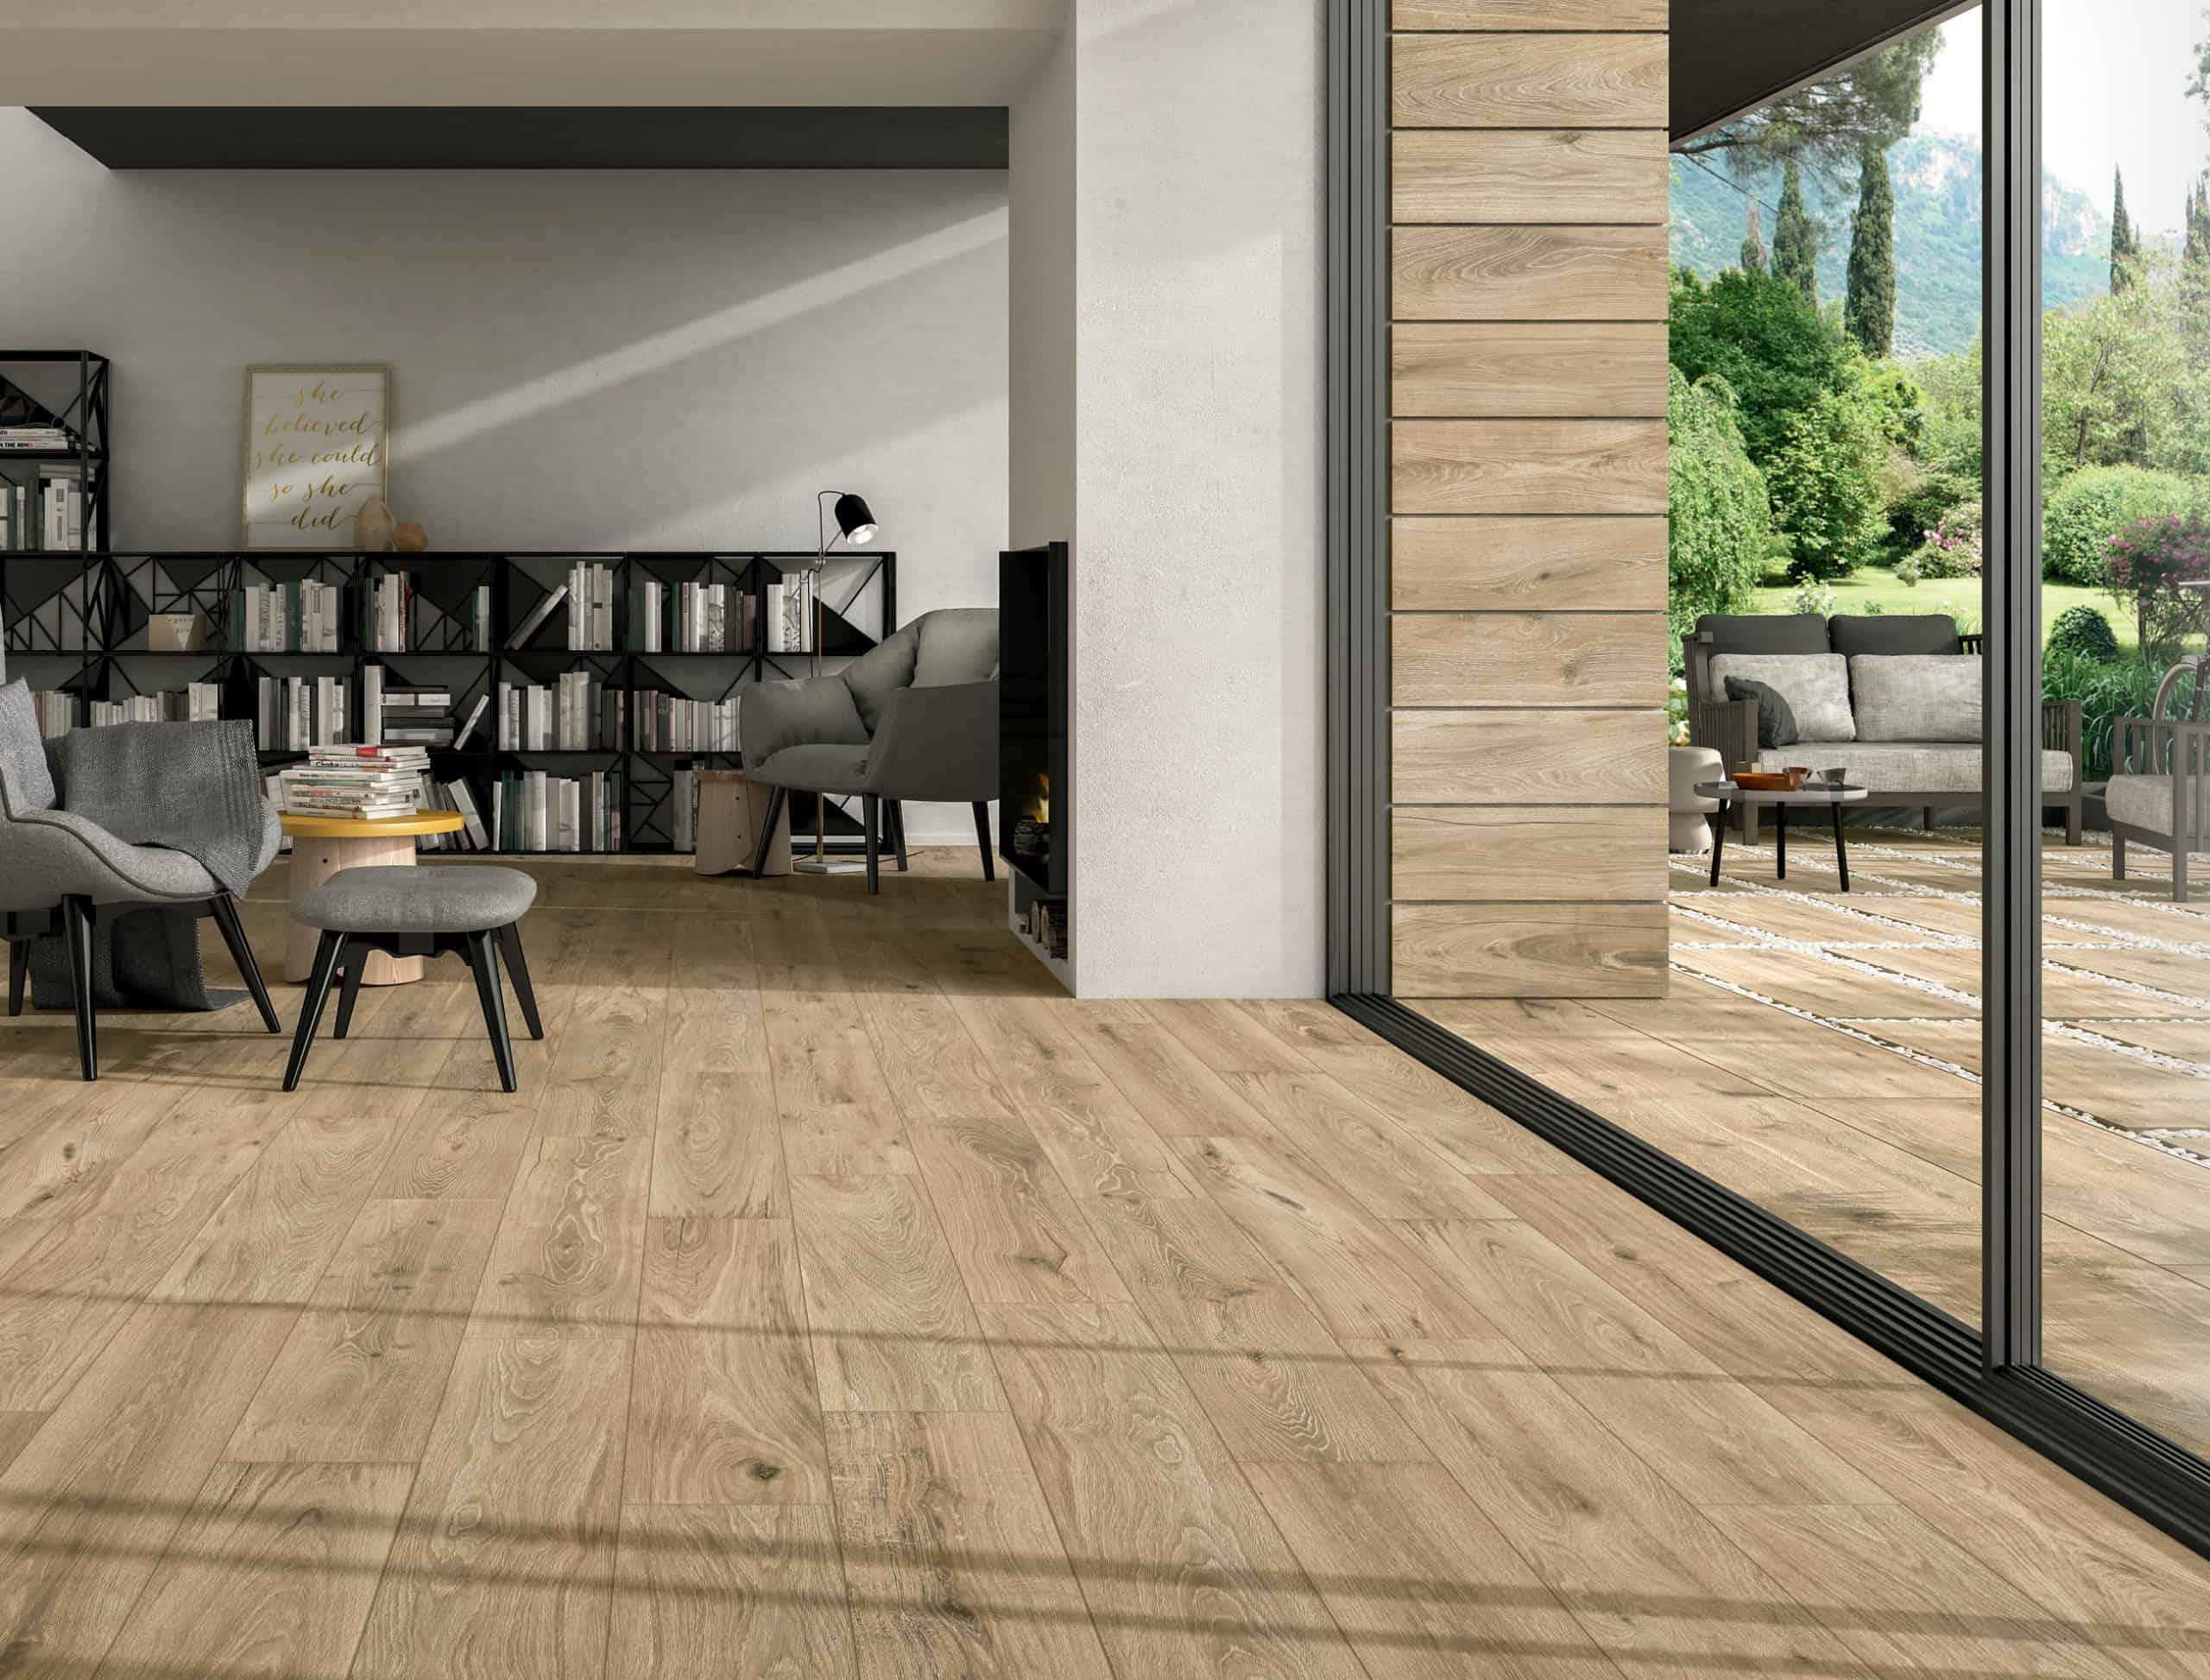 emc tiles indoor outdoor living 20mm paving porcelain slabs wood effect flooring